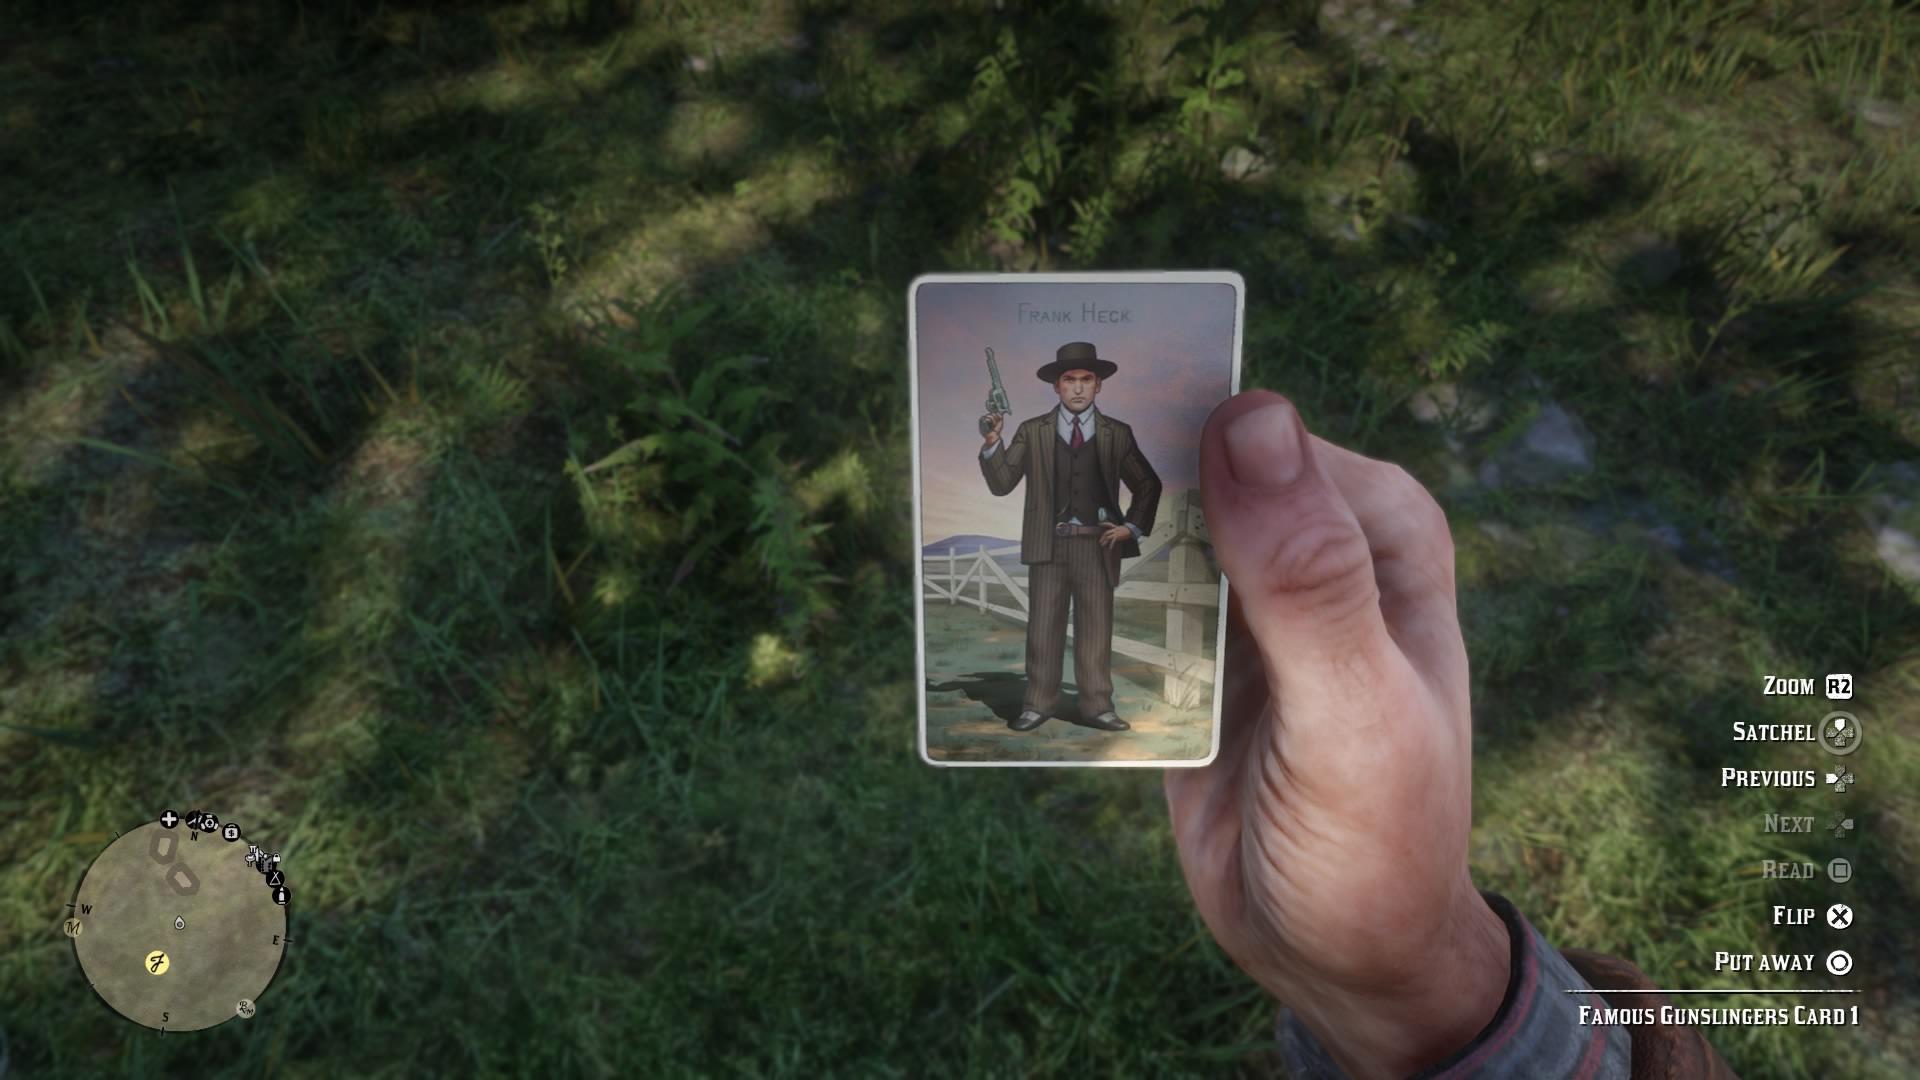 Red Dead Redemption 2 20181102172818 - Red Dead Redemption 2, dove trovare tutte le figurine delle sigarette senza doverle cercare nella mappa di gioco